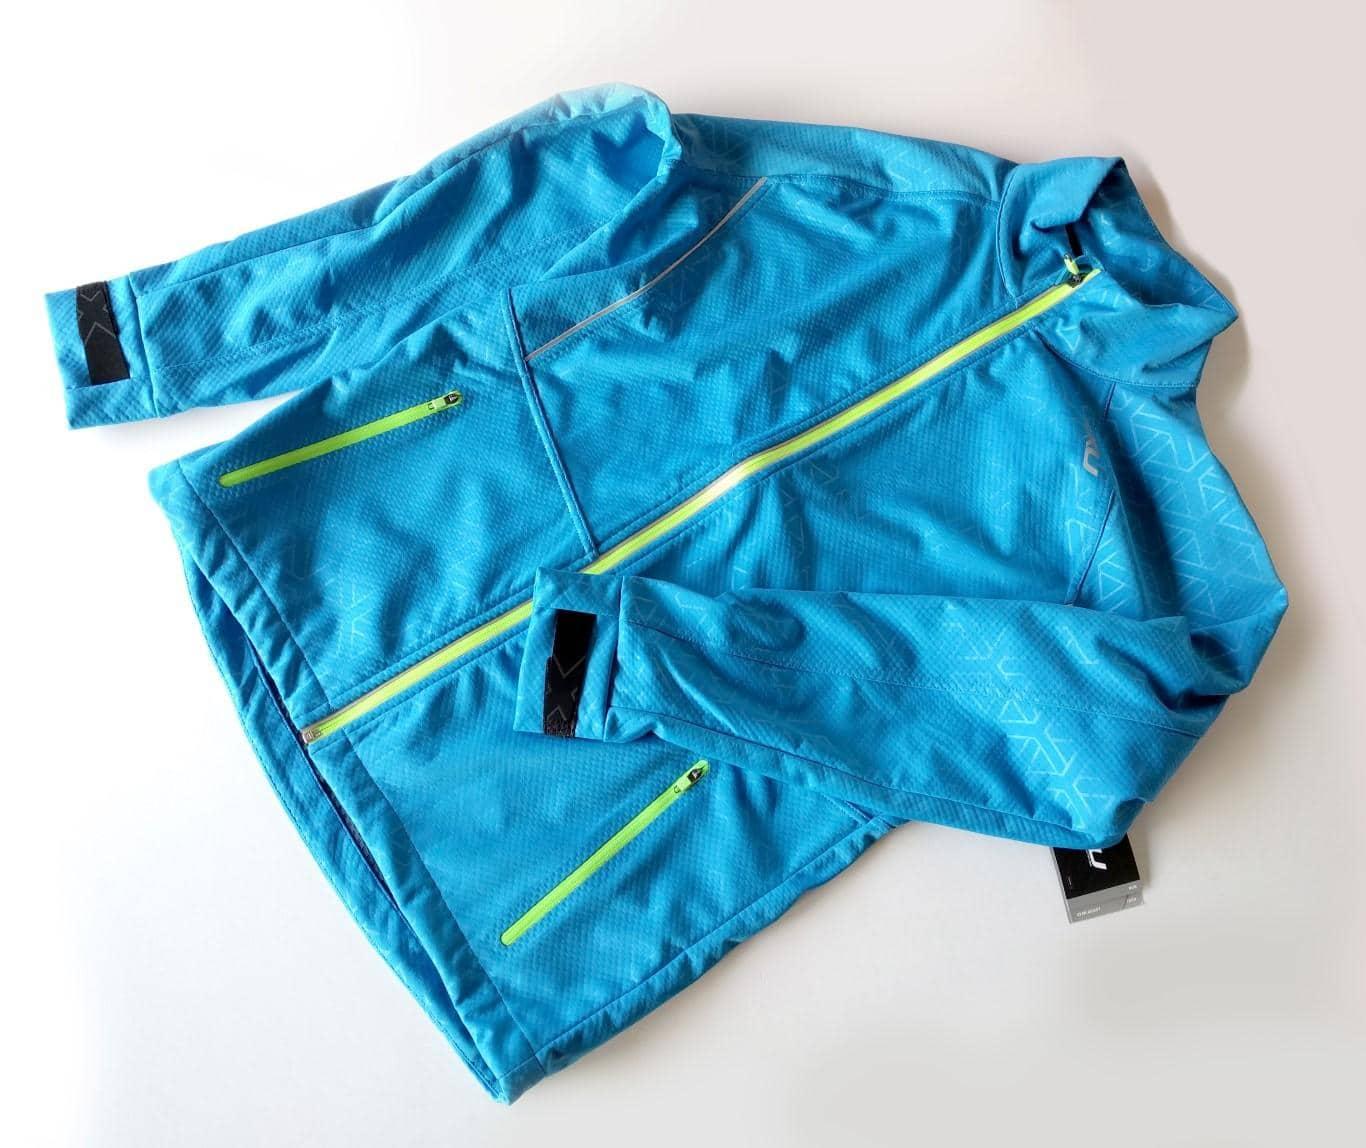 2XU 23.5 N Jacket